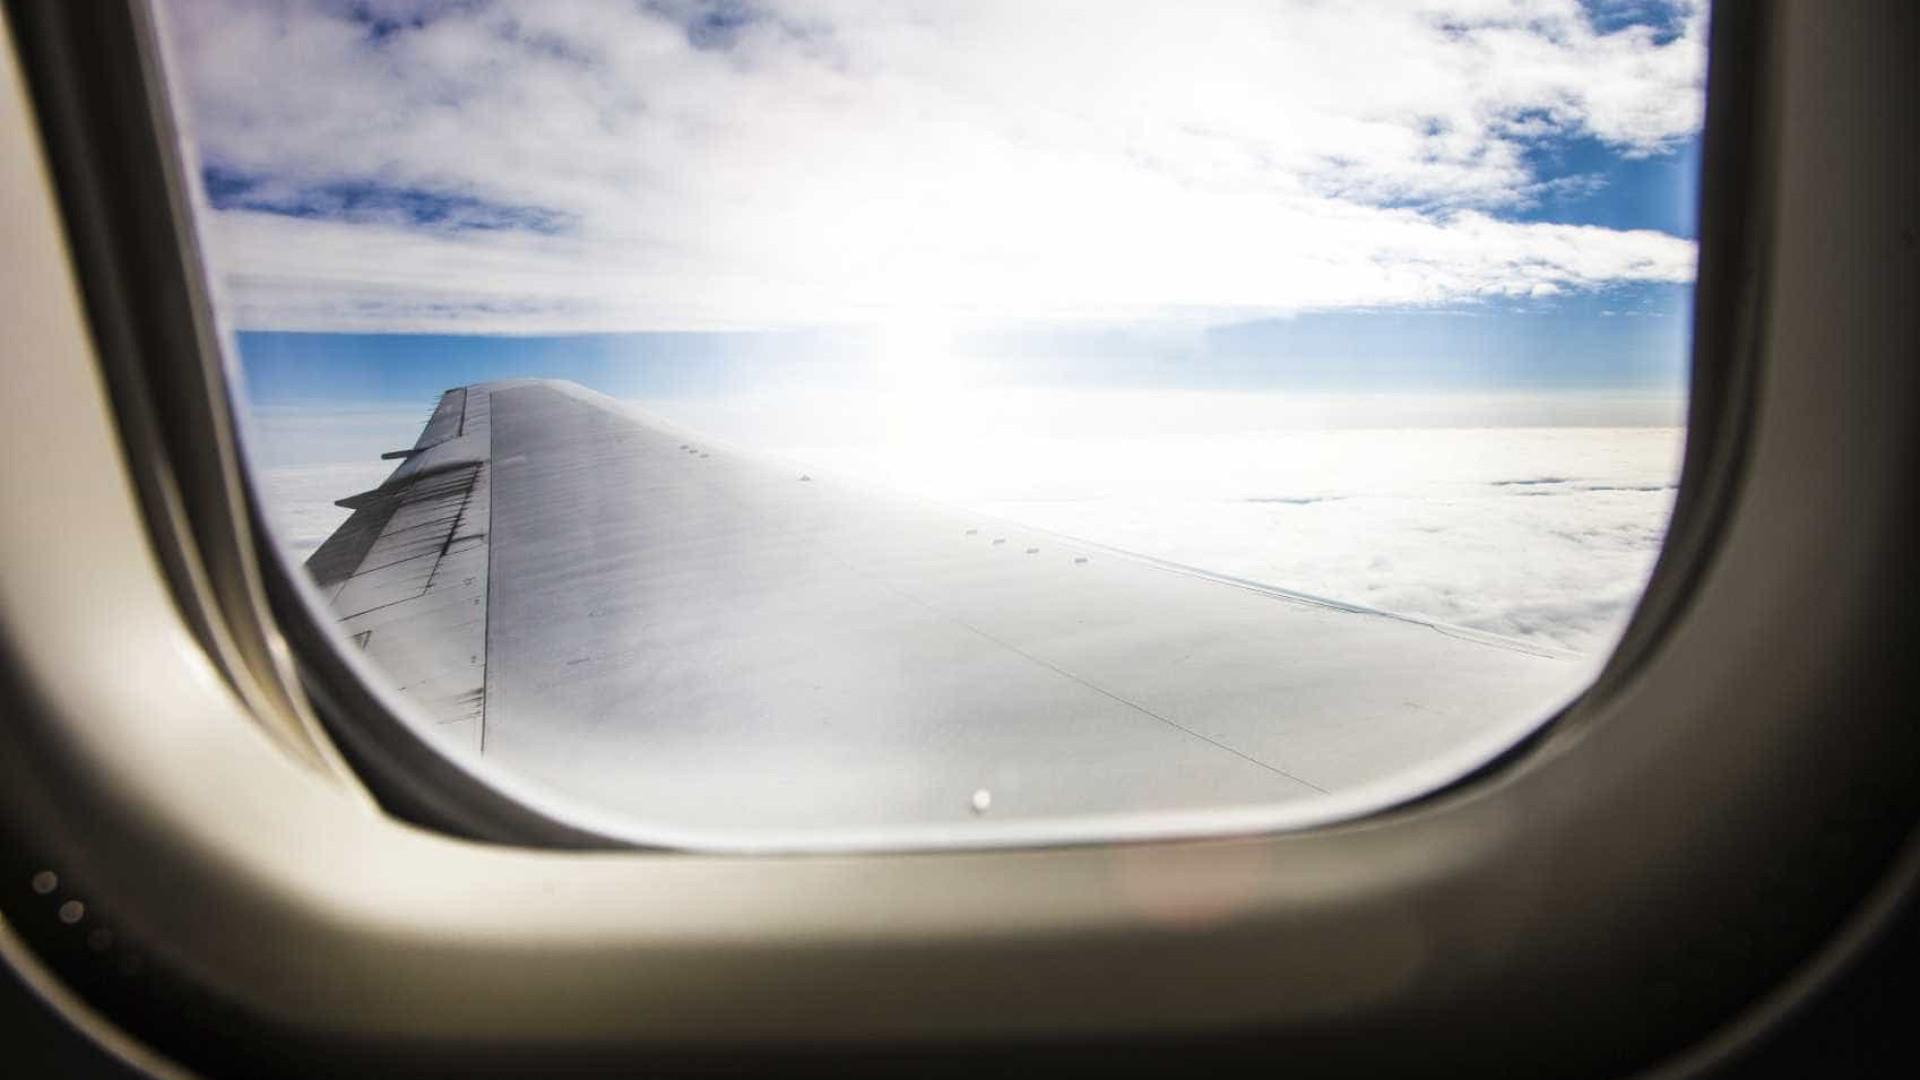 TACV cancela 52 voos numa semana afetando mais de 7.500 passageiros